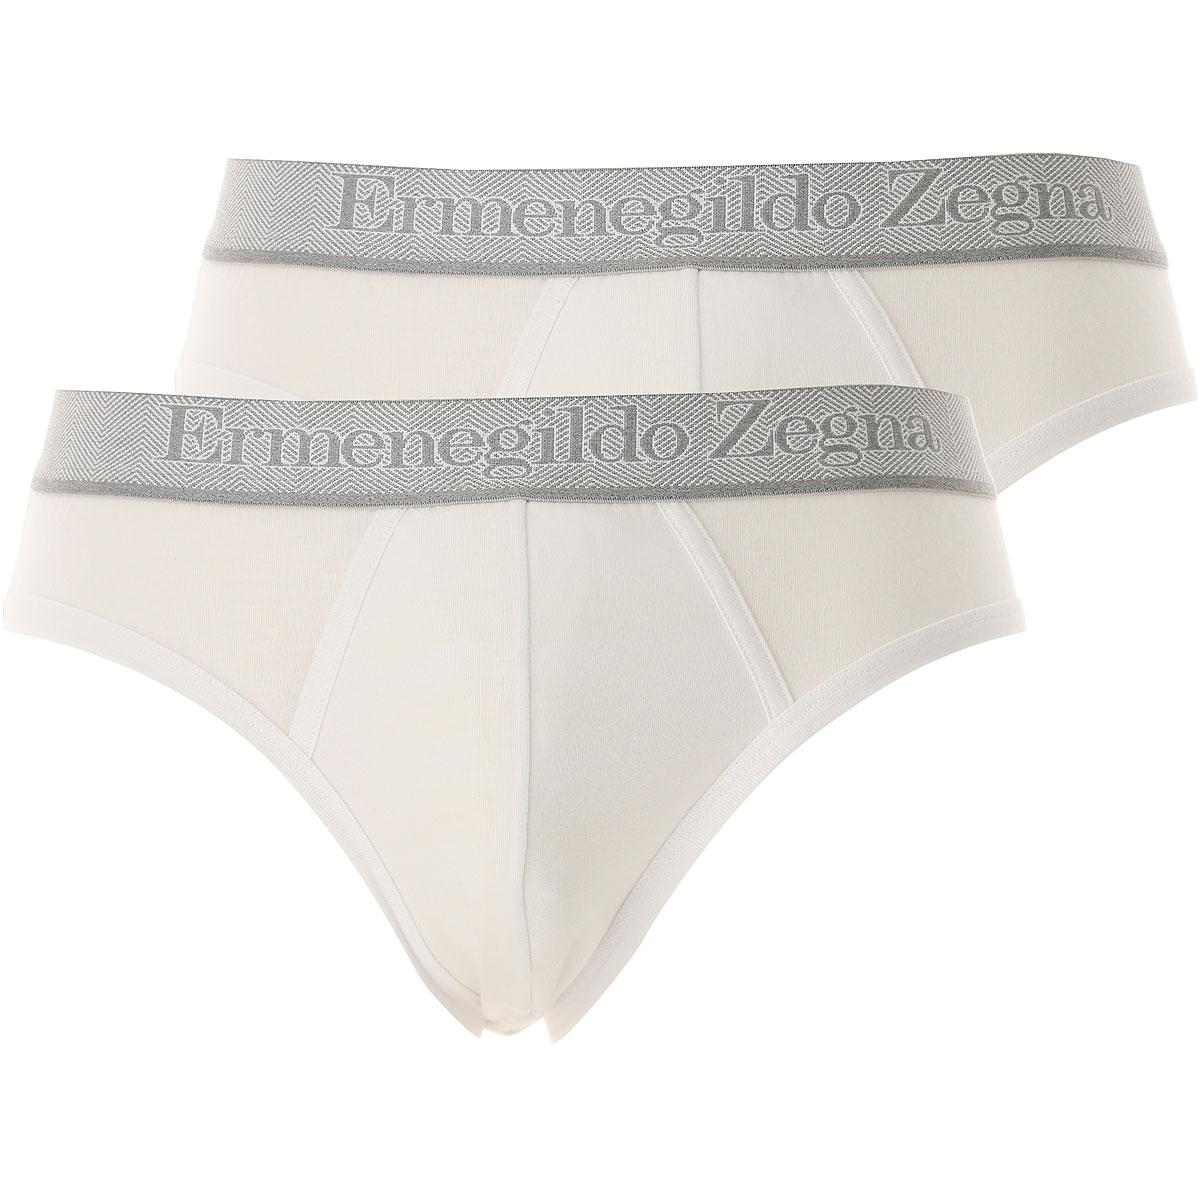 Ermenegildo Zegna Briefs for Men On Sale, 2 Pack, White, Cotton, 2019, S (EU 3) L (EU 5) XL (EU 6)